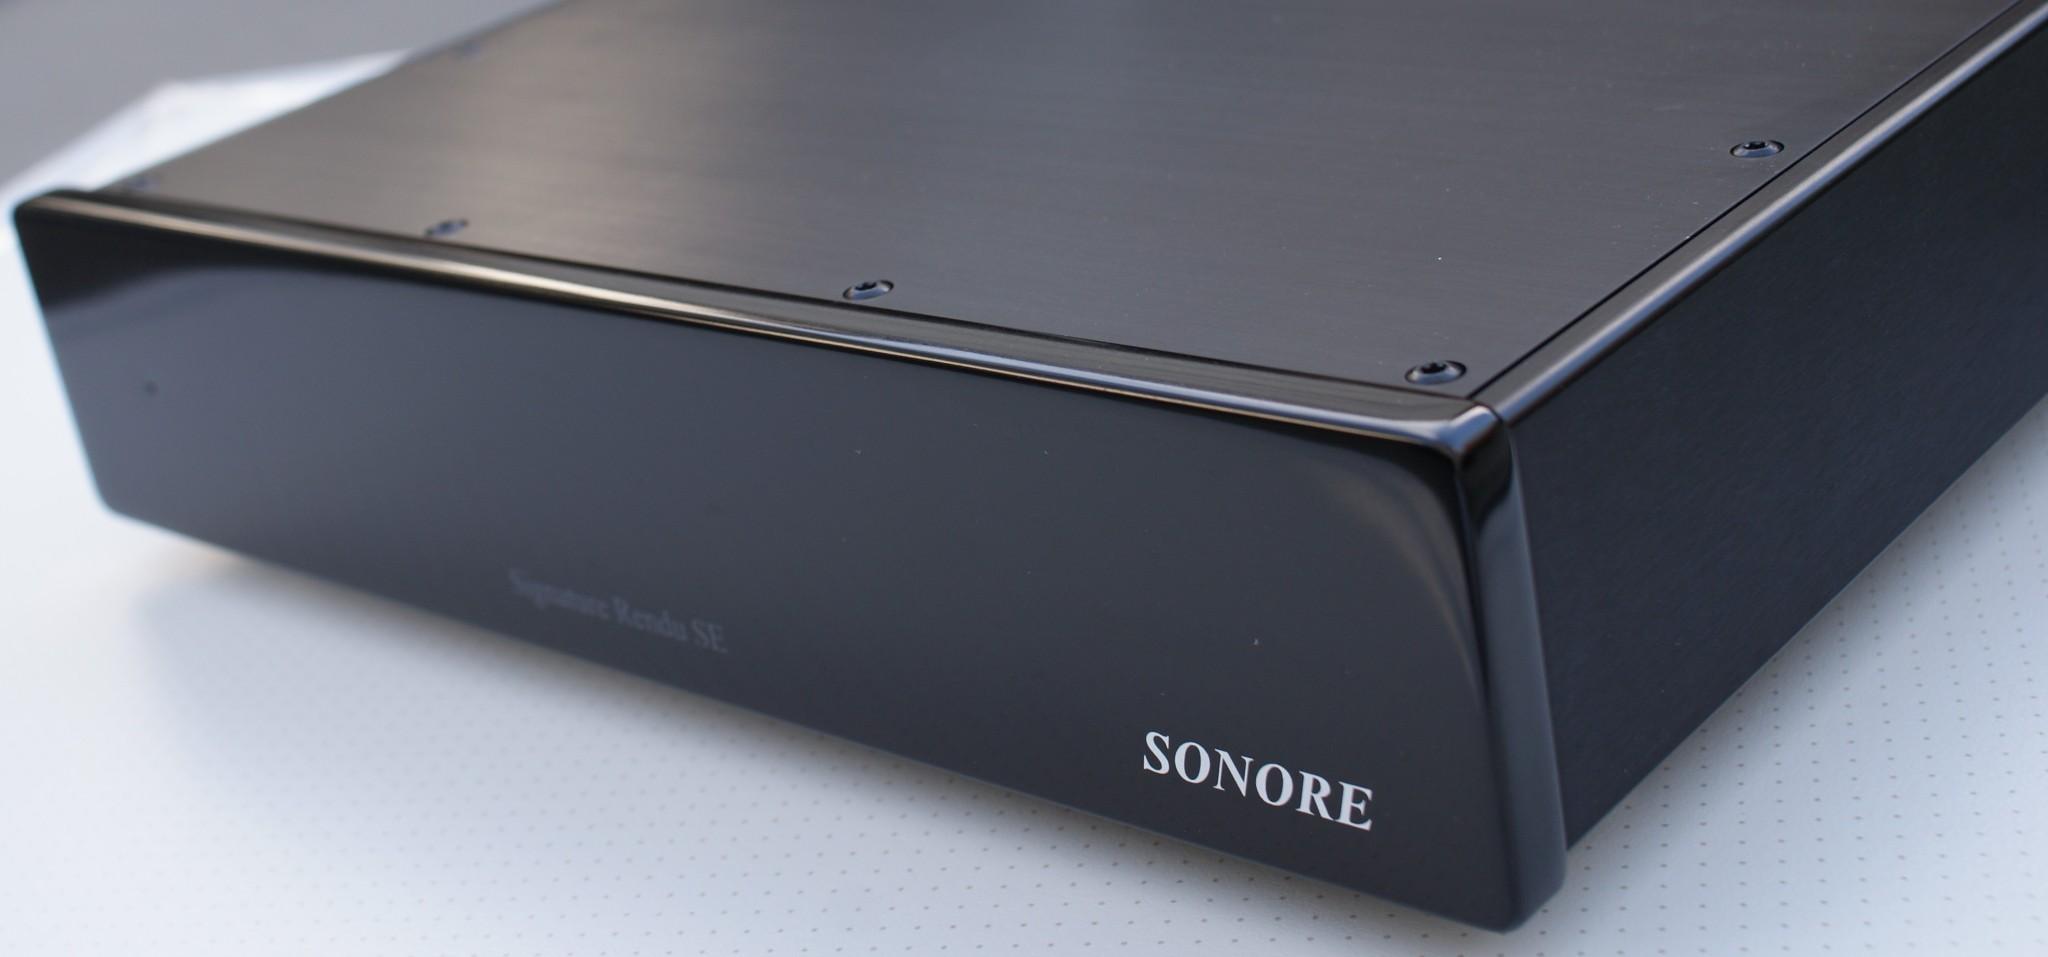 Sonore Signature Rendu Series